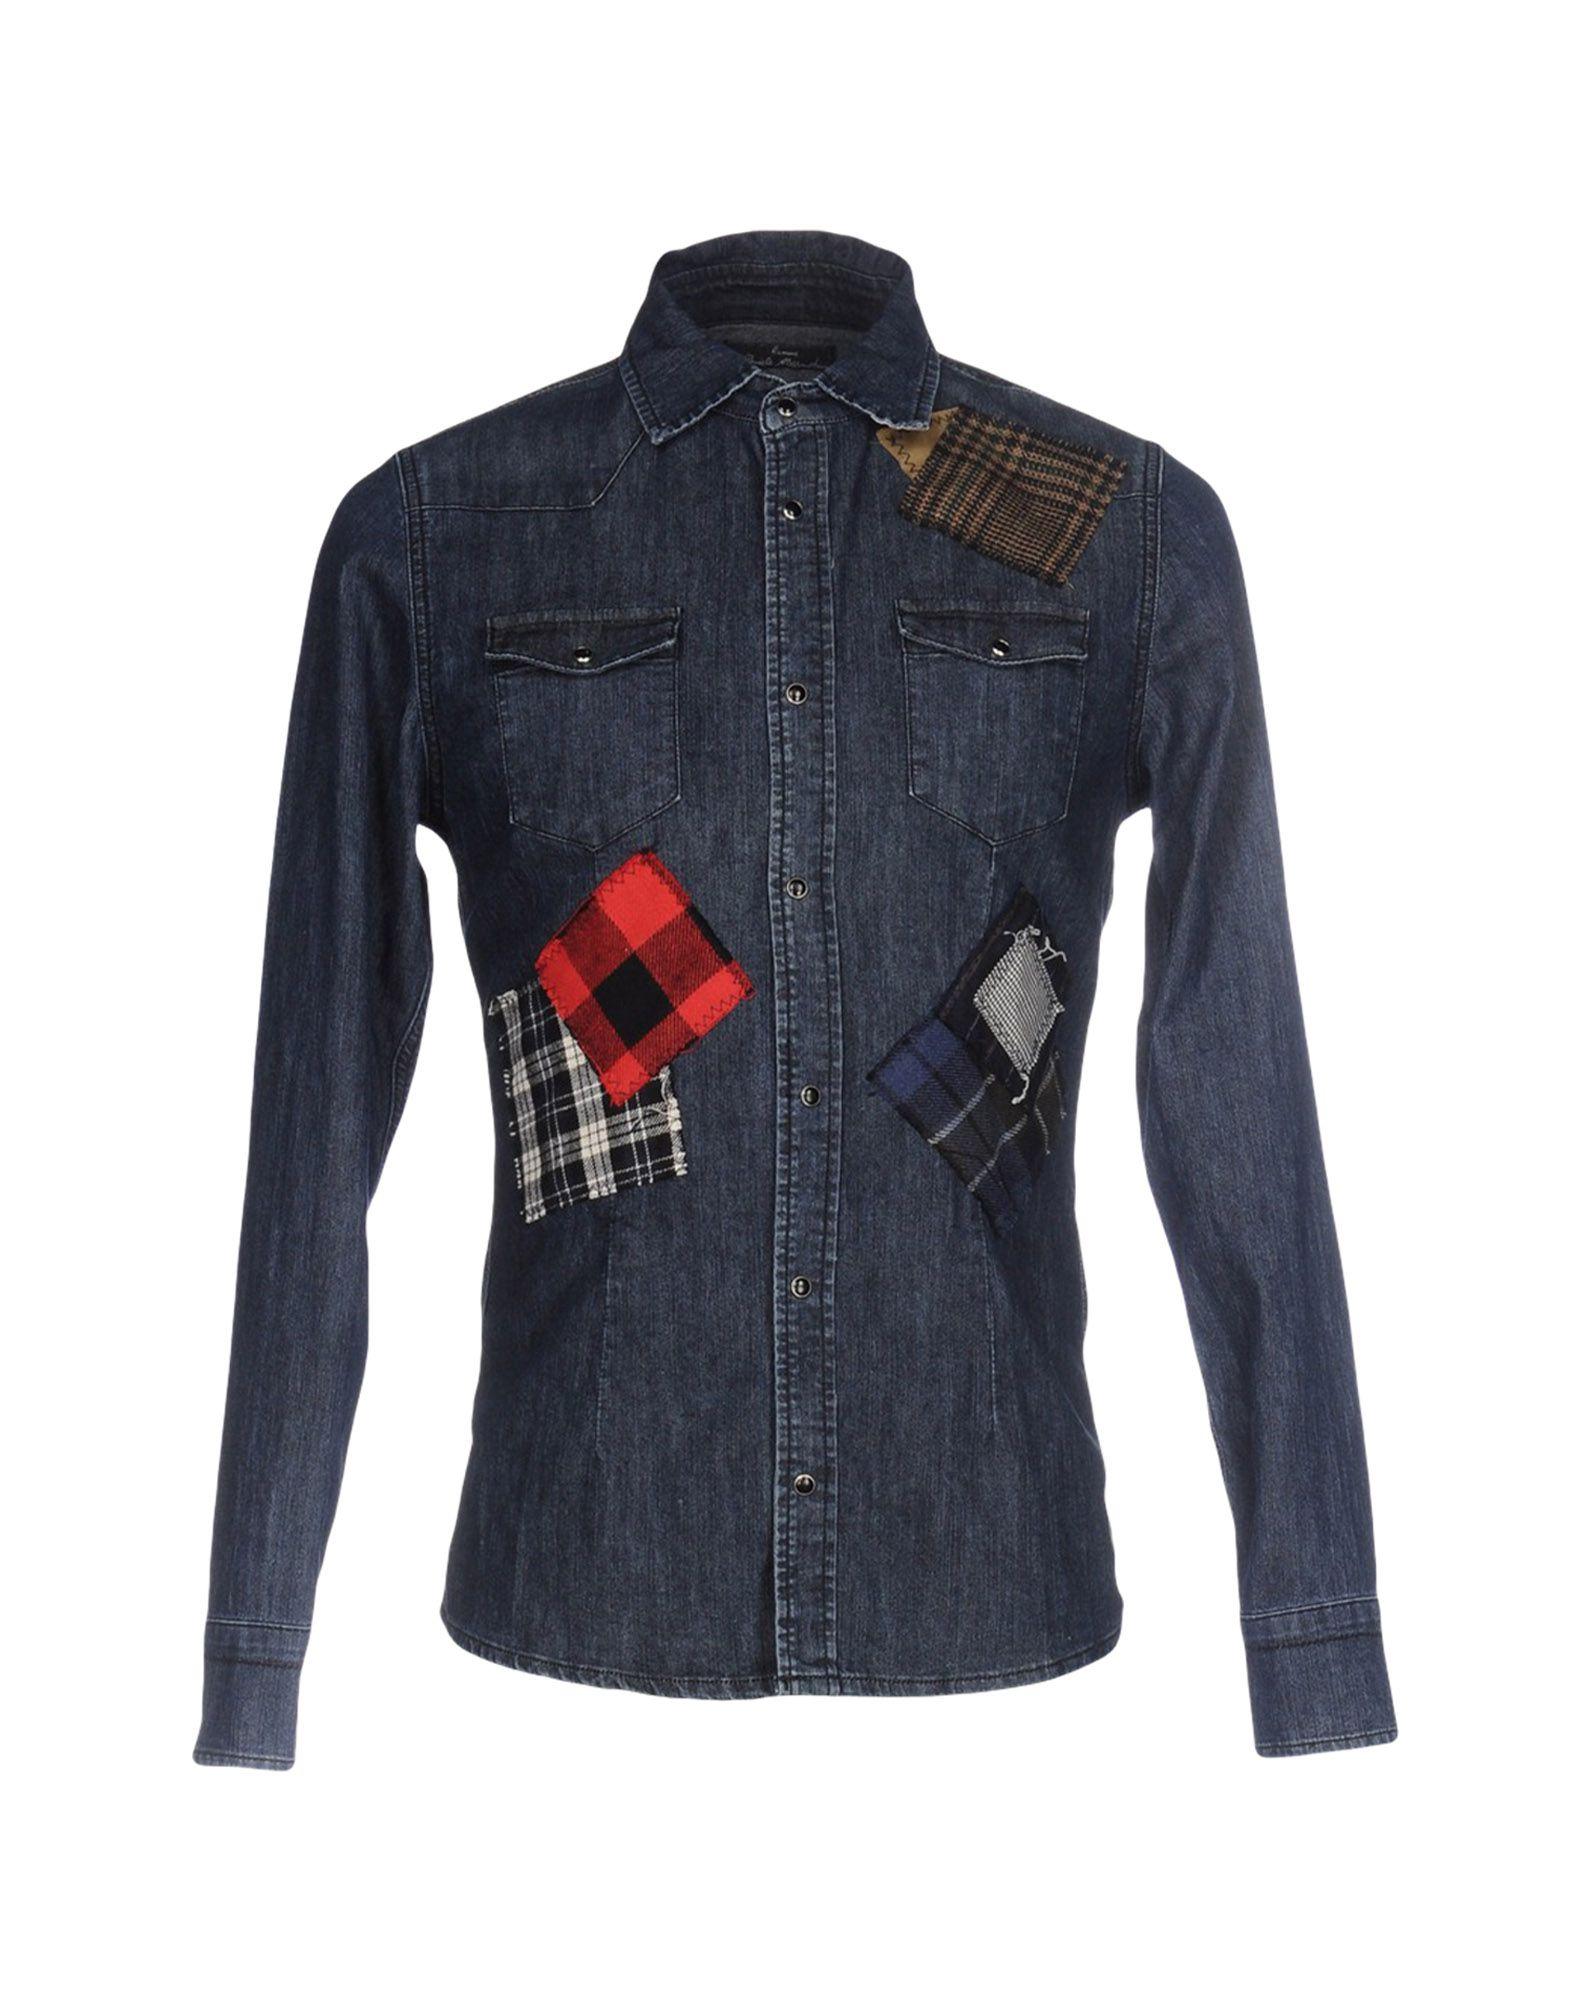 DANIELE ALESSANDRINI HOMME Джинсовая рубашка рубашка daniele alessandrini рубашка